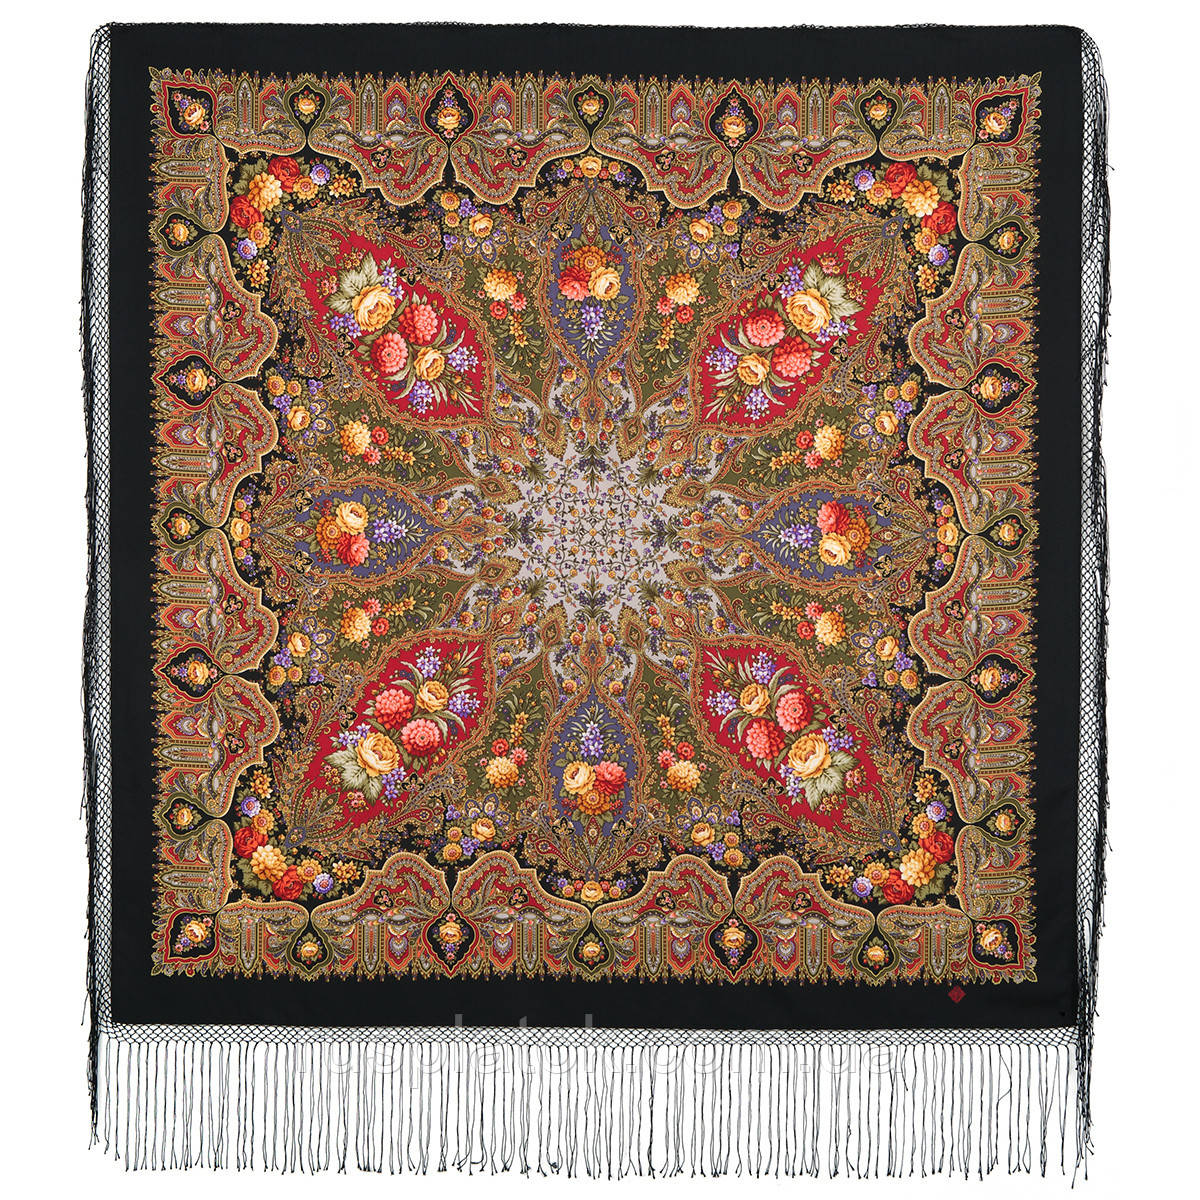 Миндаль 1369-19, павлопосадский платок (шаль) из уплотненной шерсти с шелковой вязанной бахромой